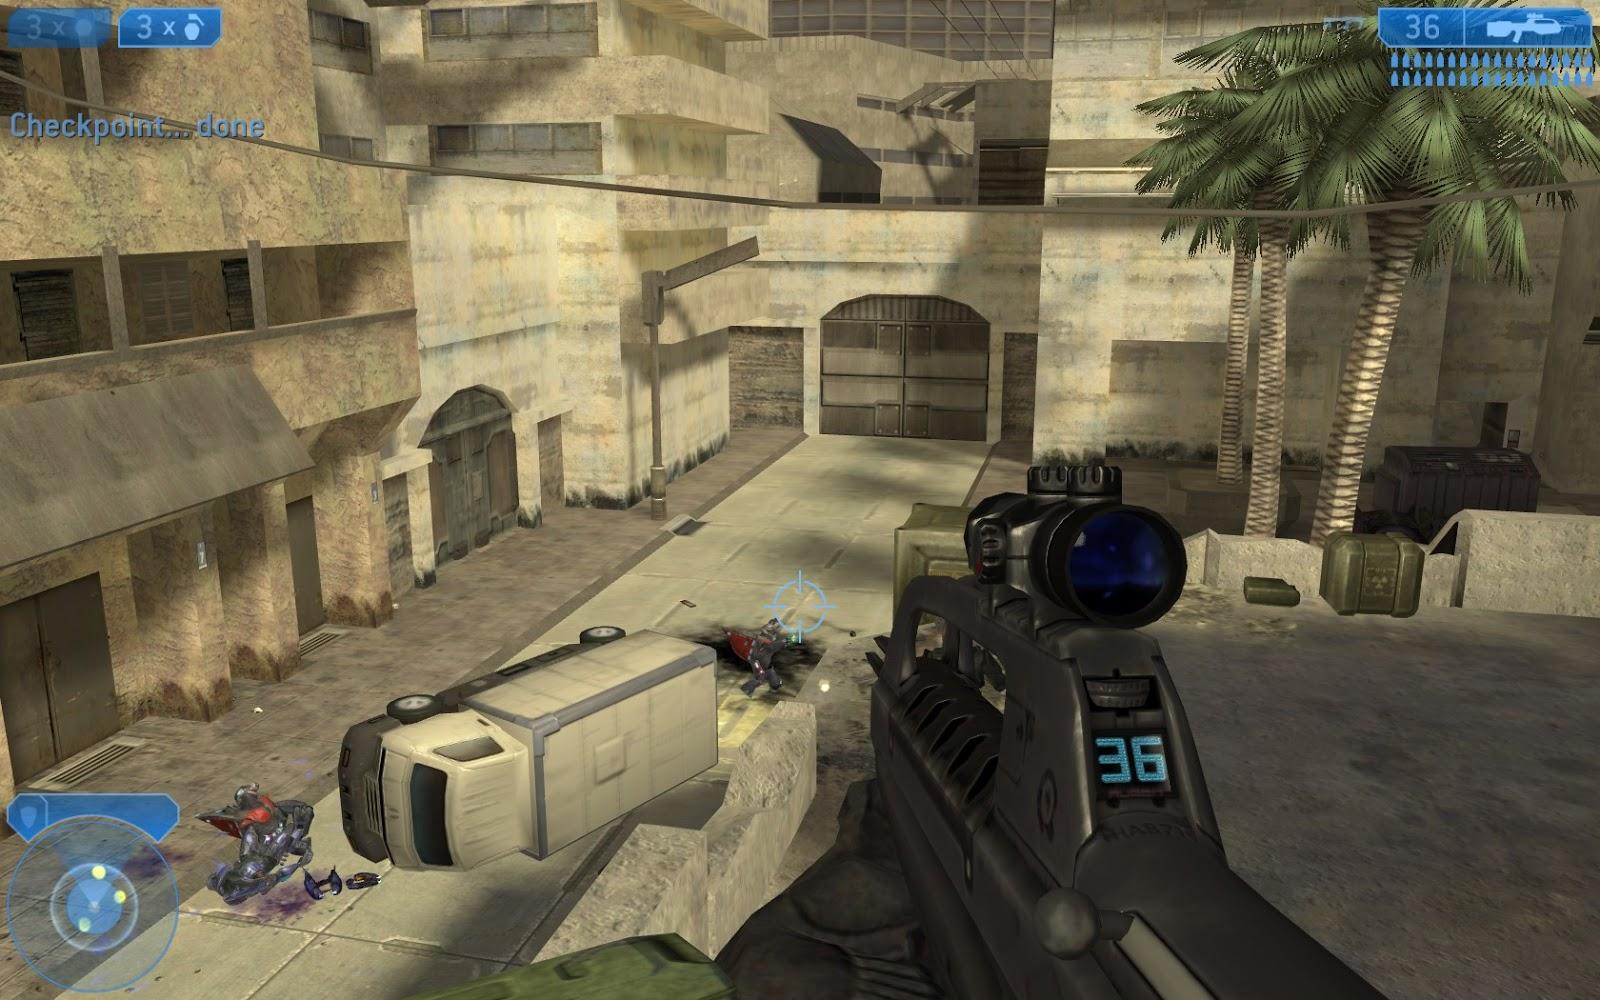 Halo 2 free download full version pc game setup.